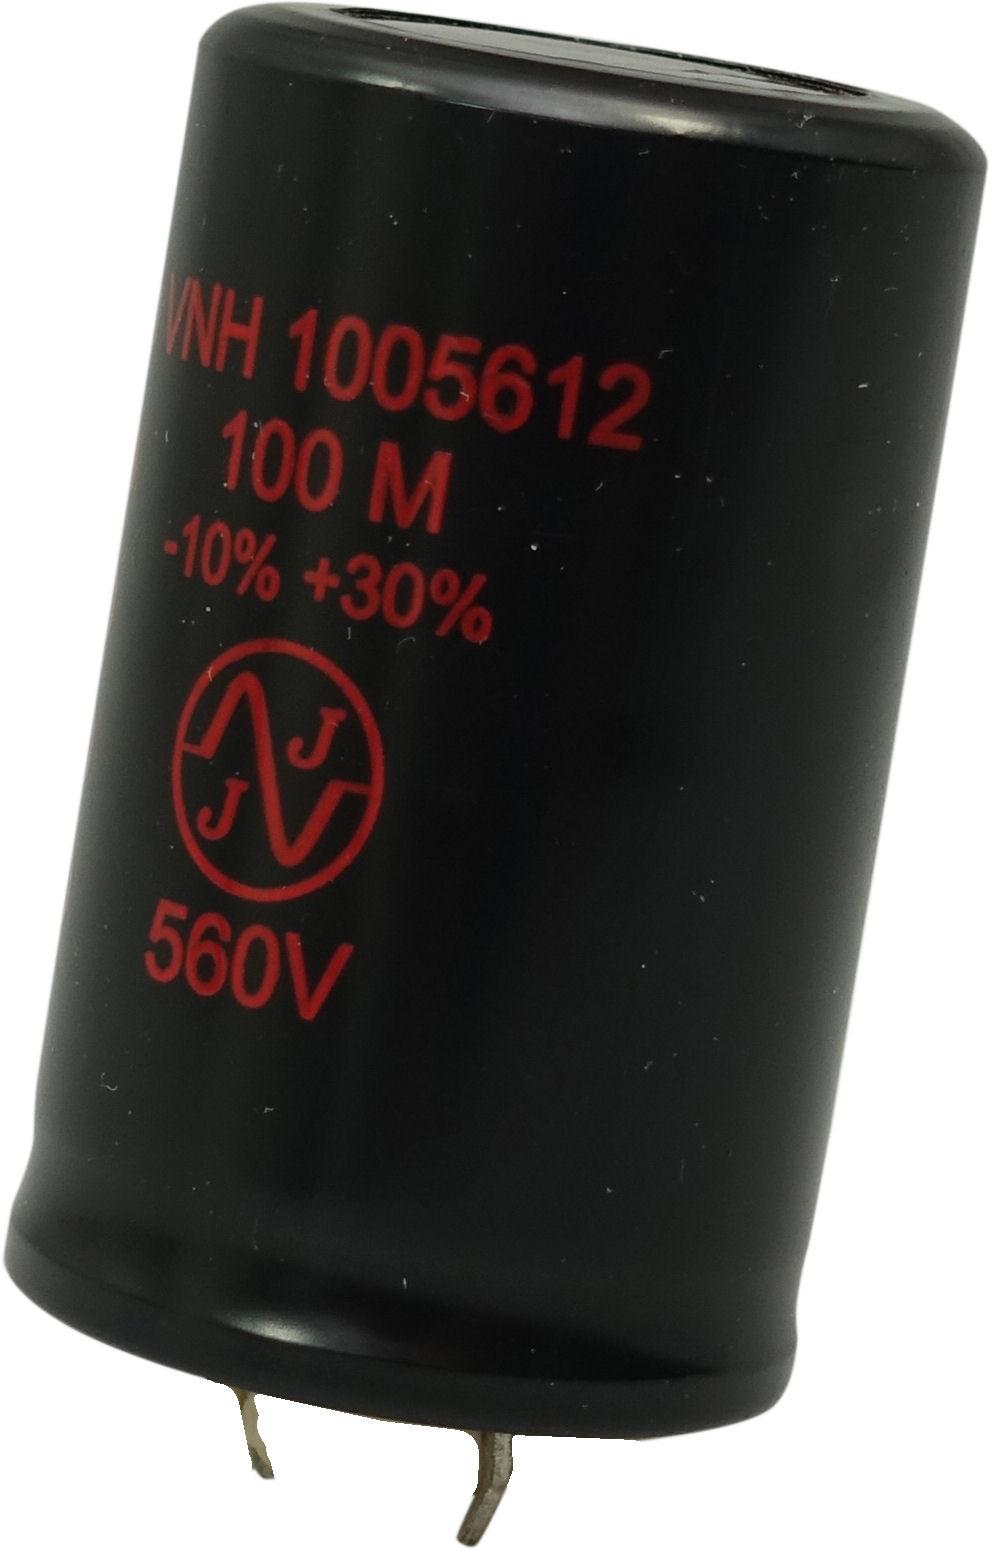 JJ 100uF, 560V radial